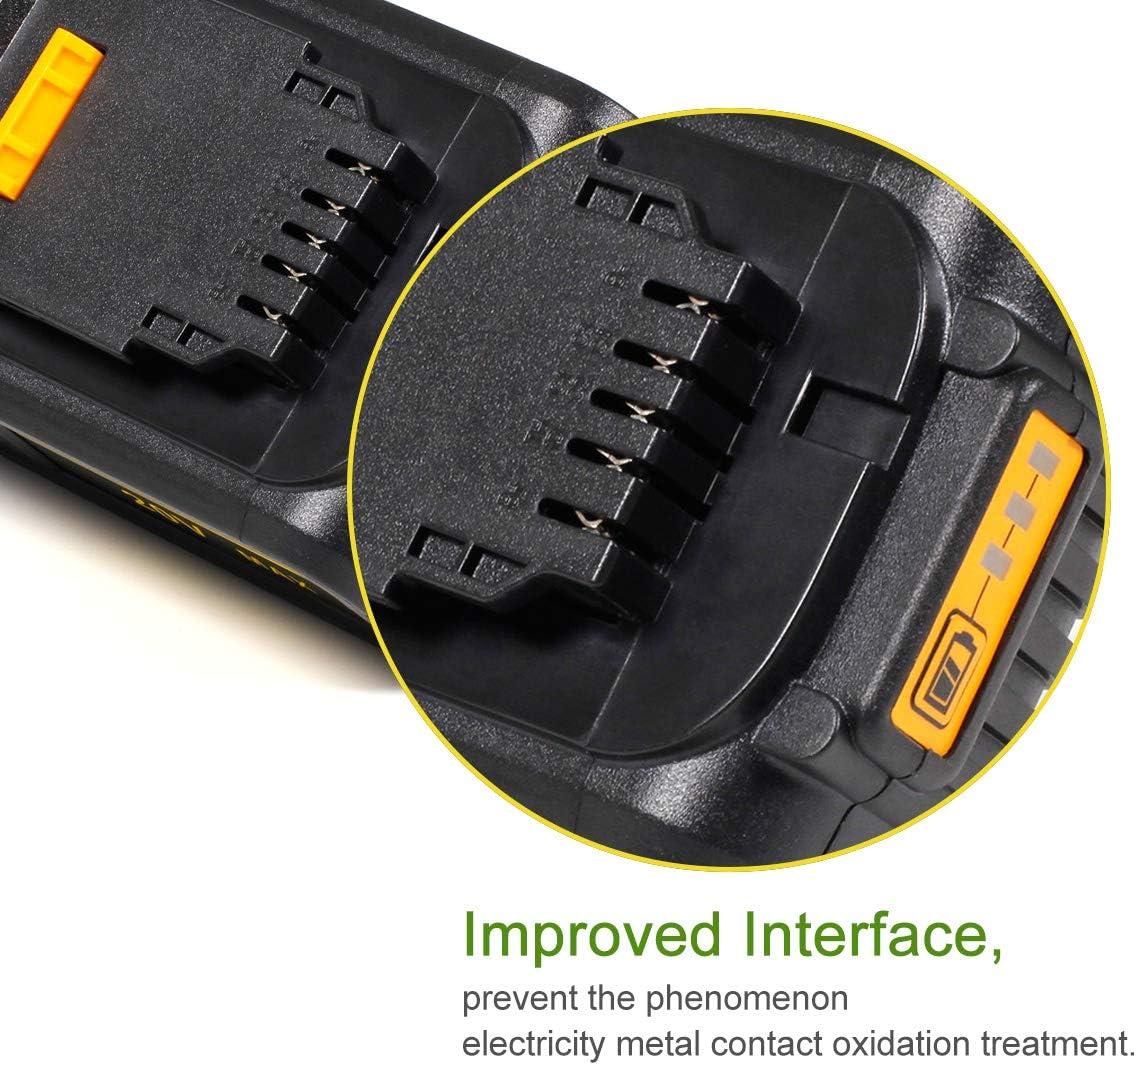 SISGAD 20V 5000 mAh LI-ION Batterie de remplacement pour DeWalt DCB180 DCB181 DCB182 DCB182-XJ DCB183 DCB183-XJ DCB184 DCB200 DCB200-2 DCB201 DCB201-2 DCB204-2 DCB205-2 Outils /électriques